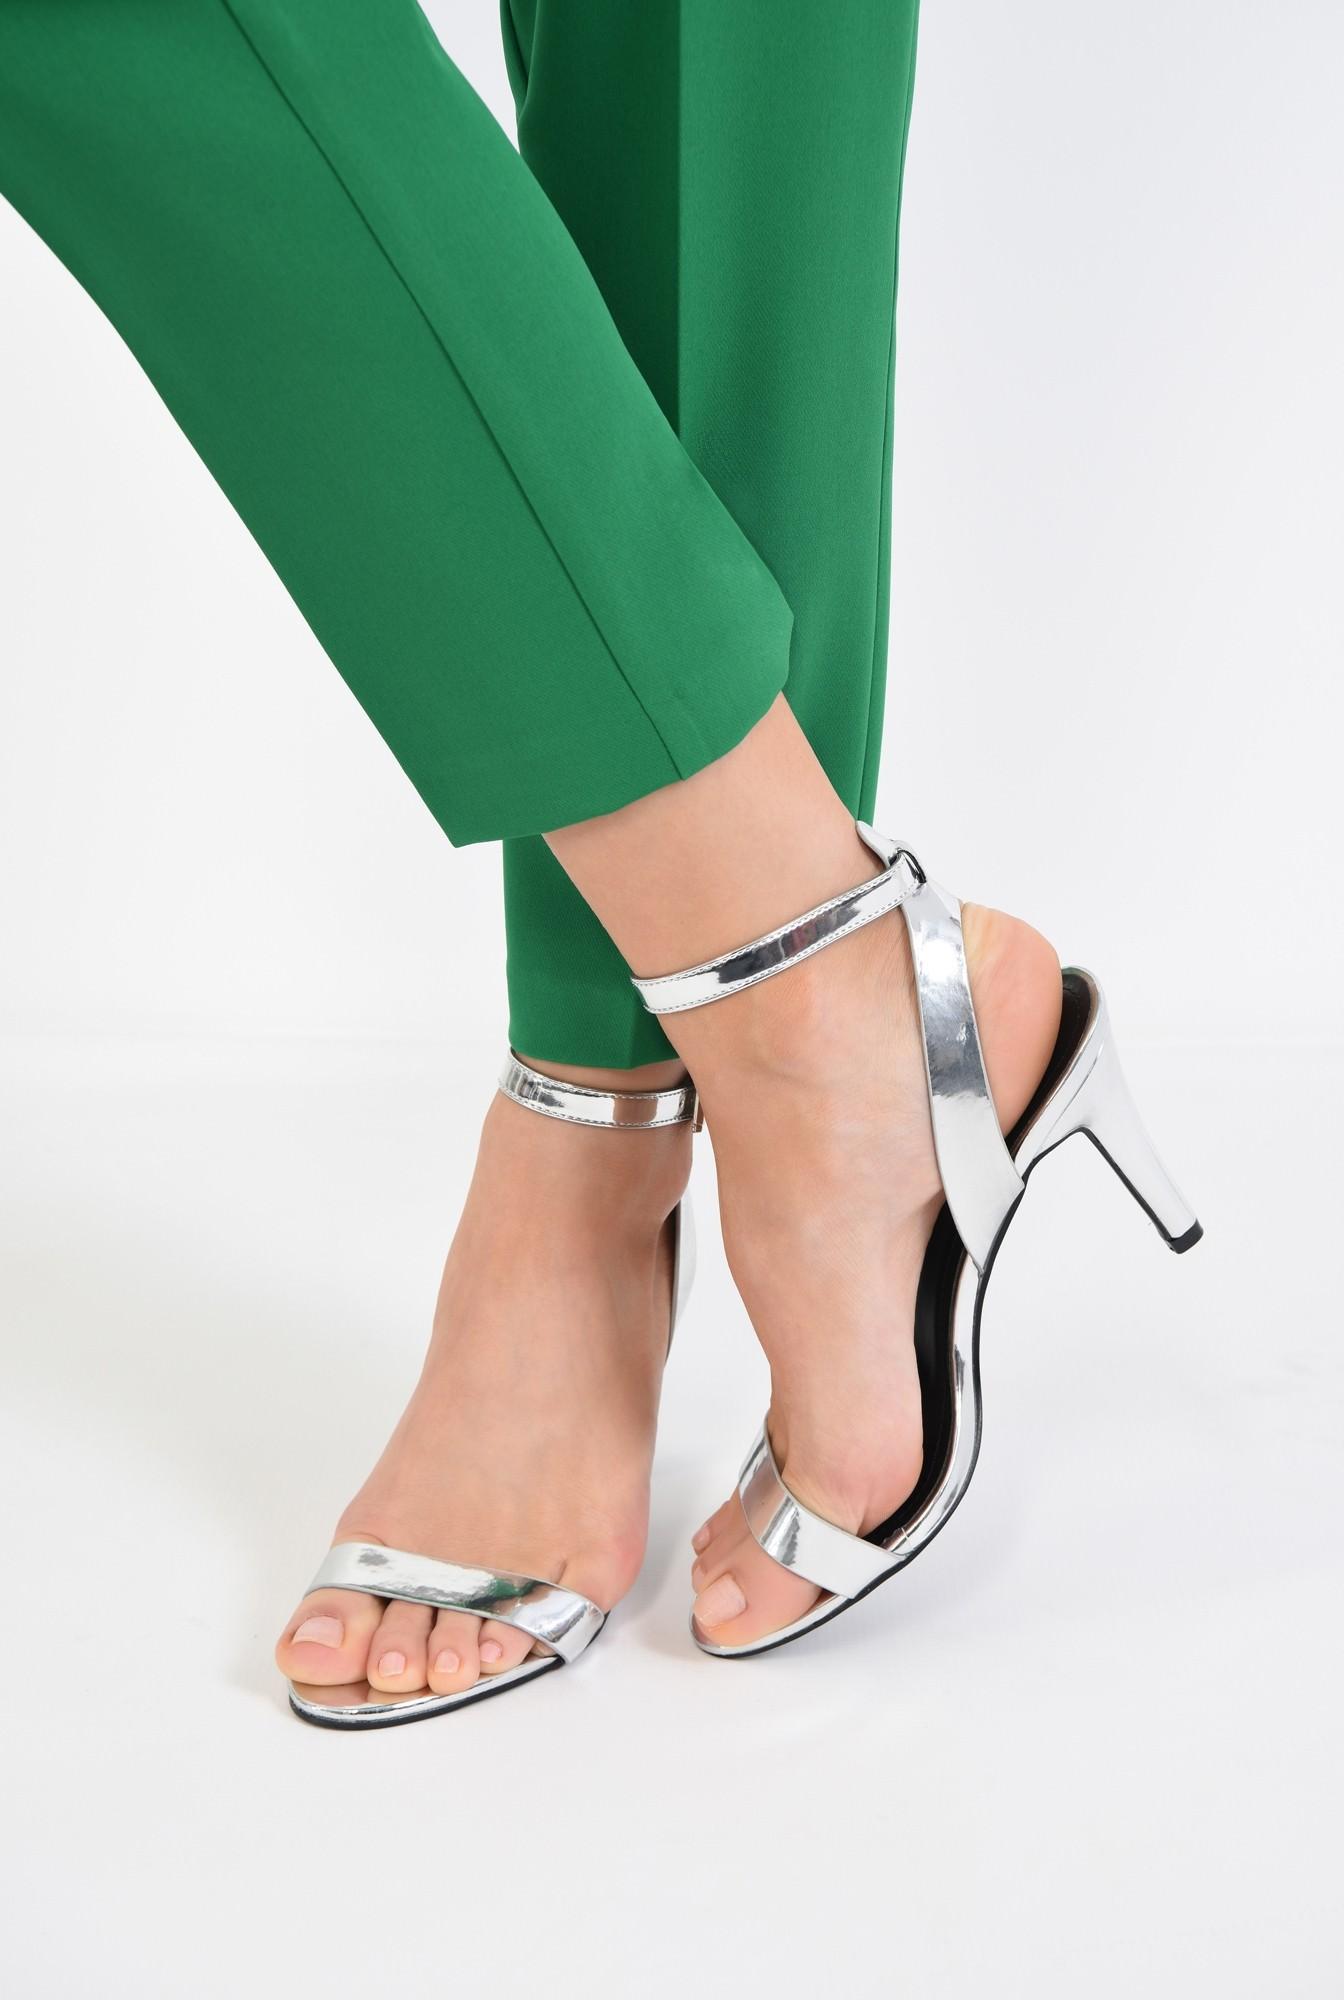 4 - sandale metalice, toc subtire, bareta peste picior